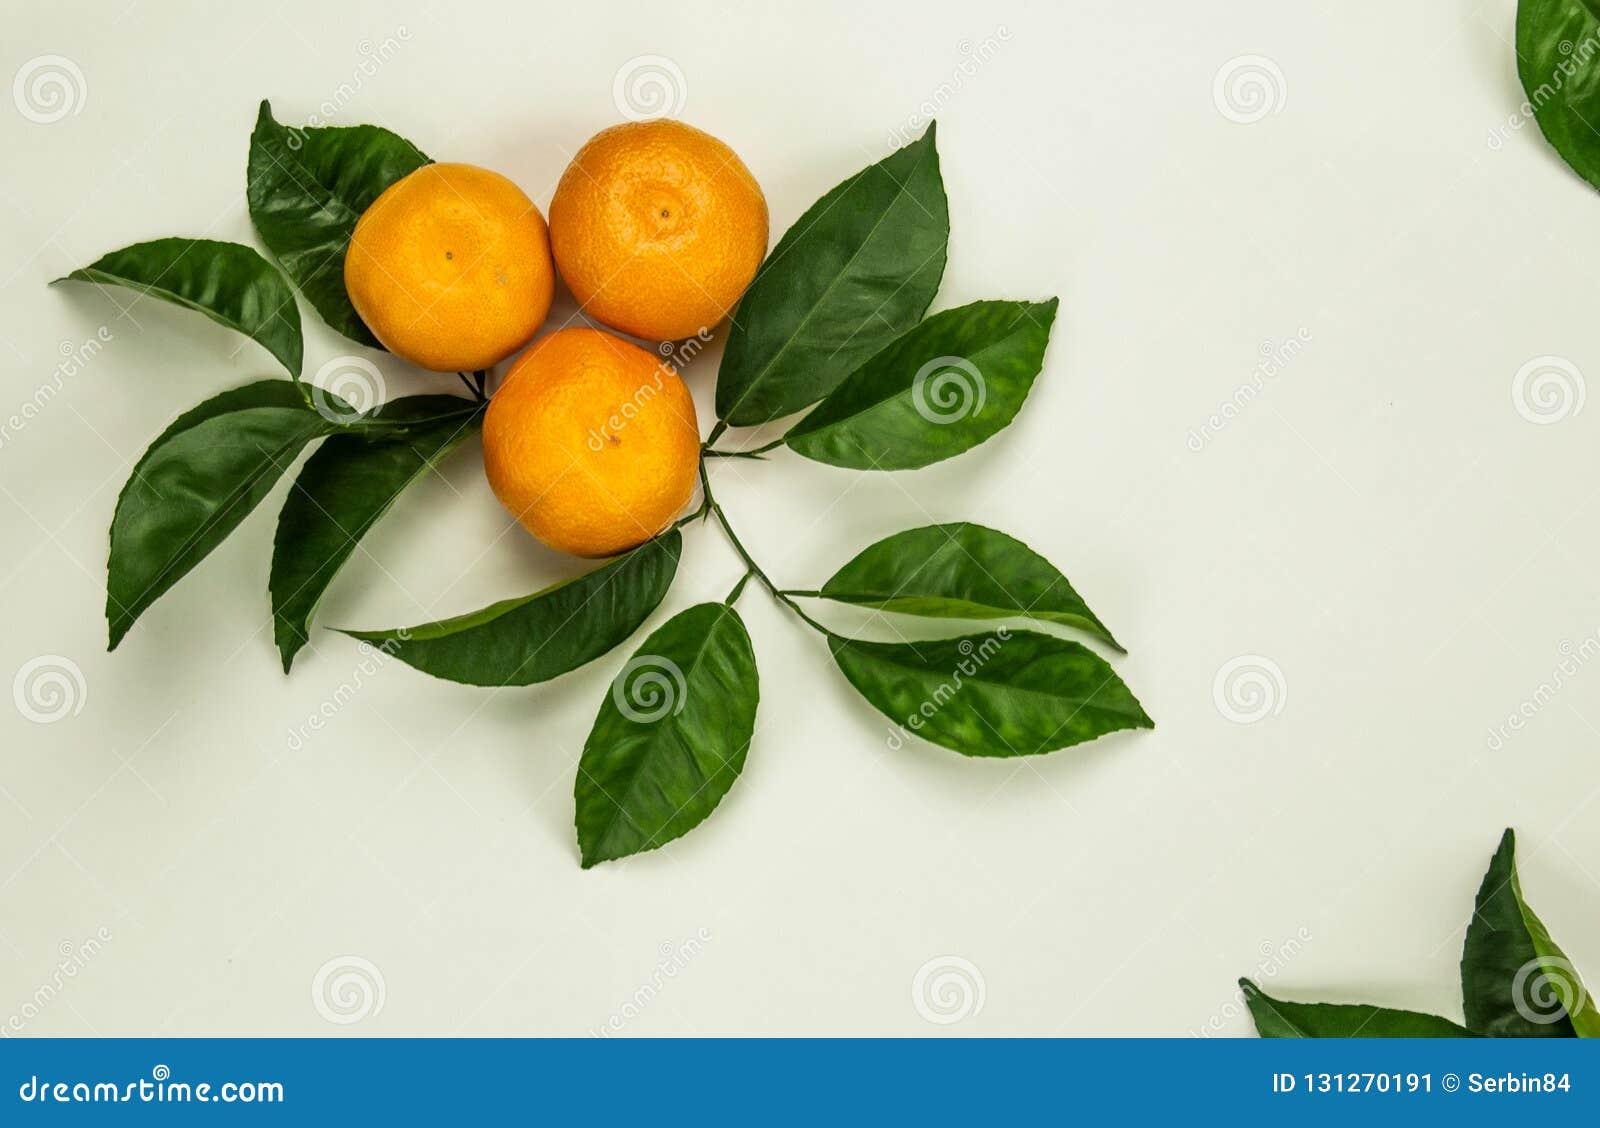 Tre mandarini, mandarini, clementine, agrumi